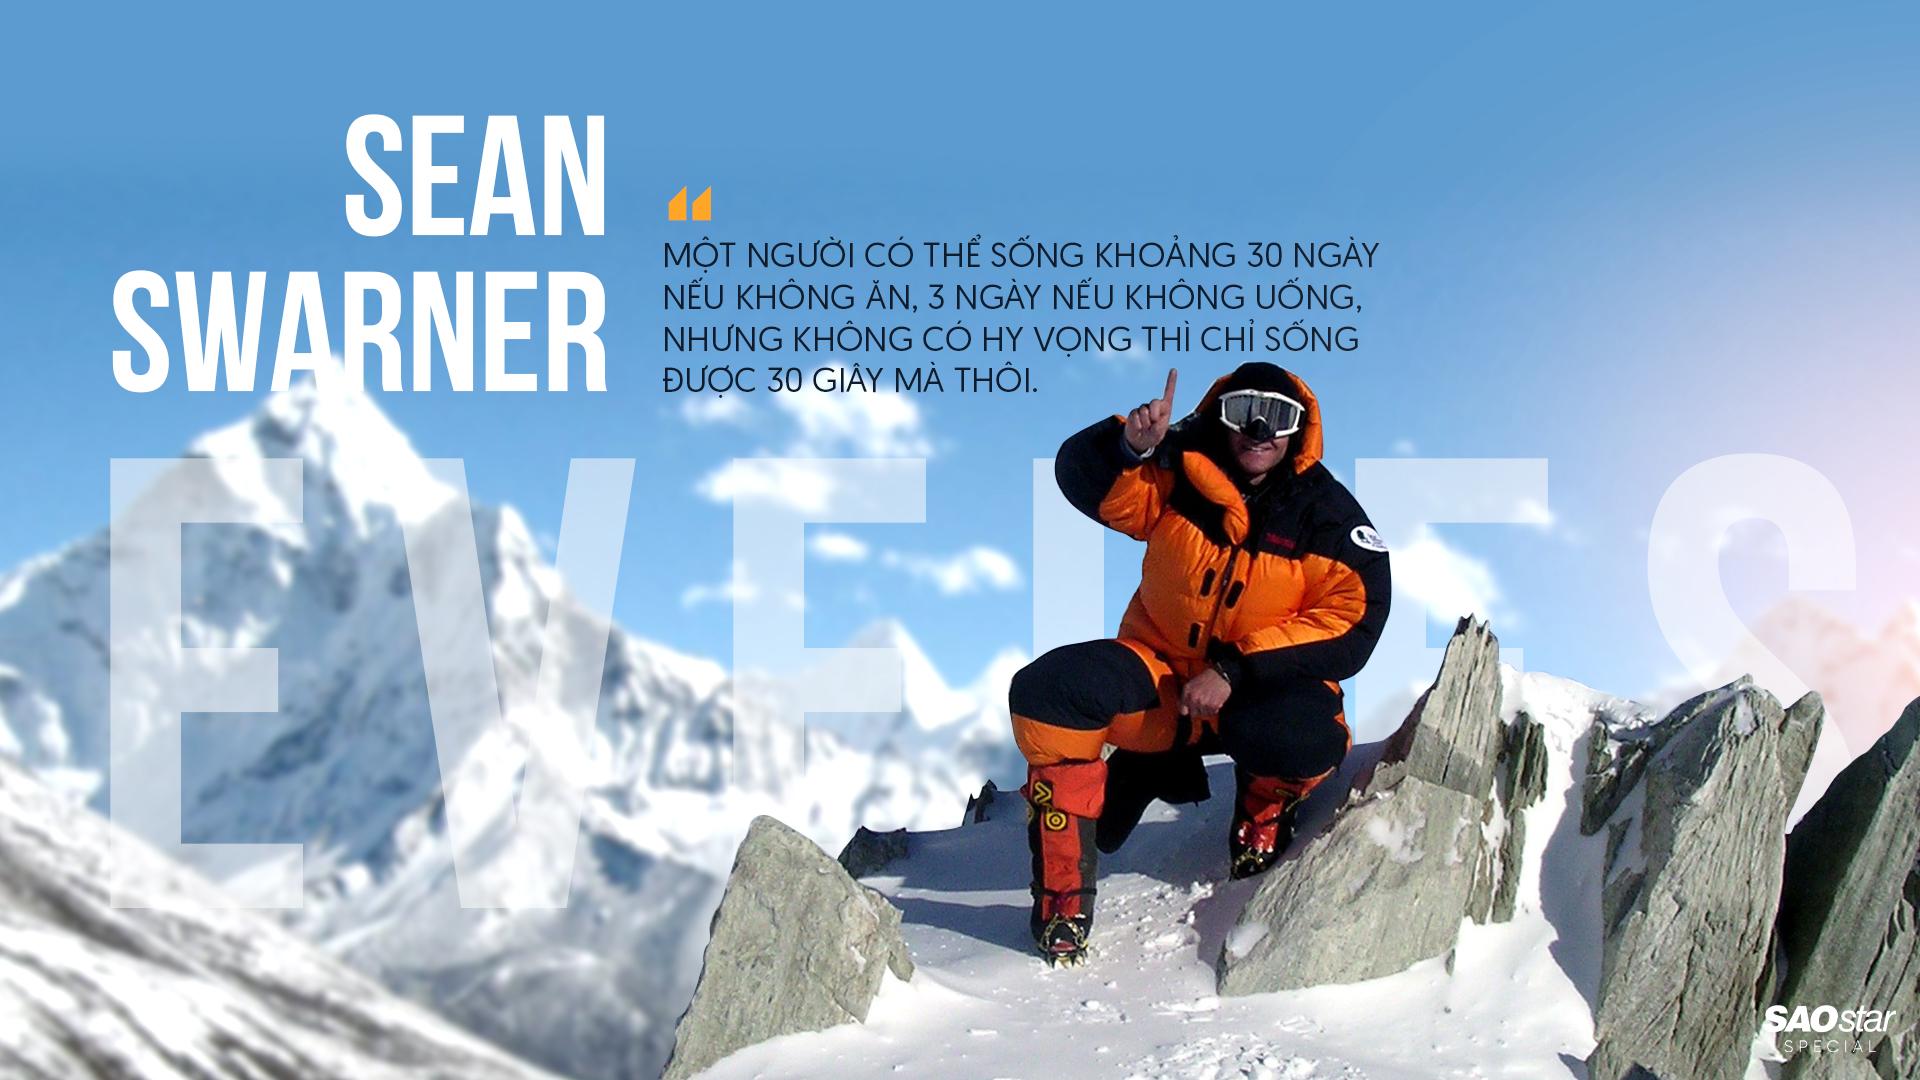 Nghị lực thép của người đàn ông sống sót sau 2 lần mắc ung thư, chinh phục Everest chỉ bằng 1 lá phổi